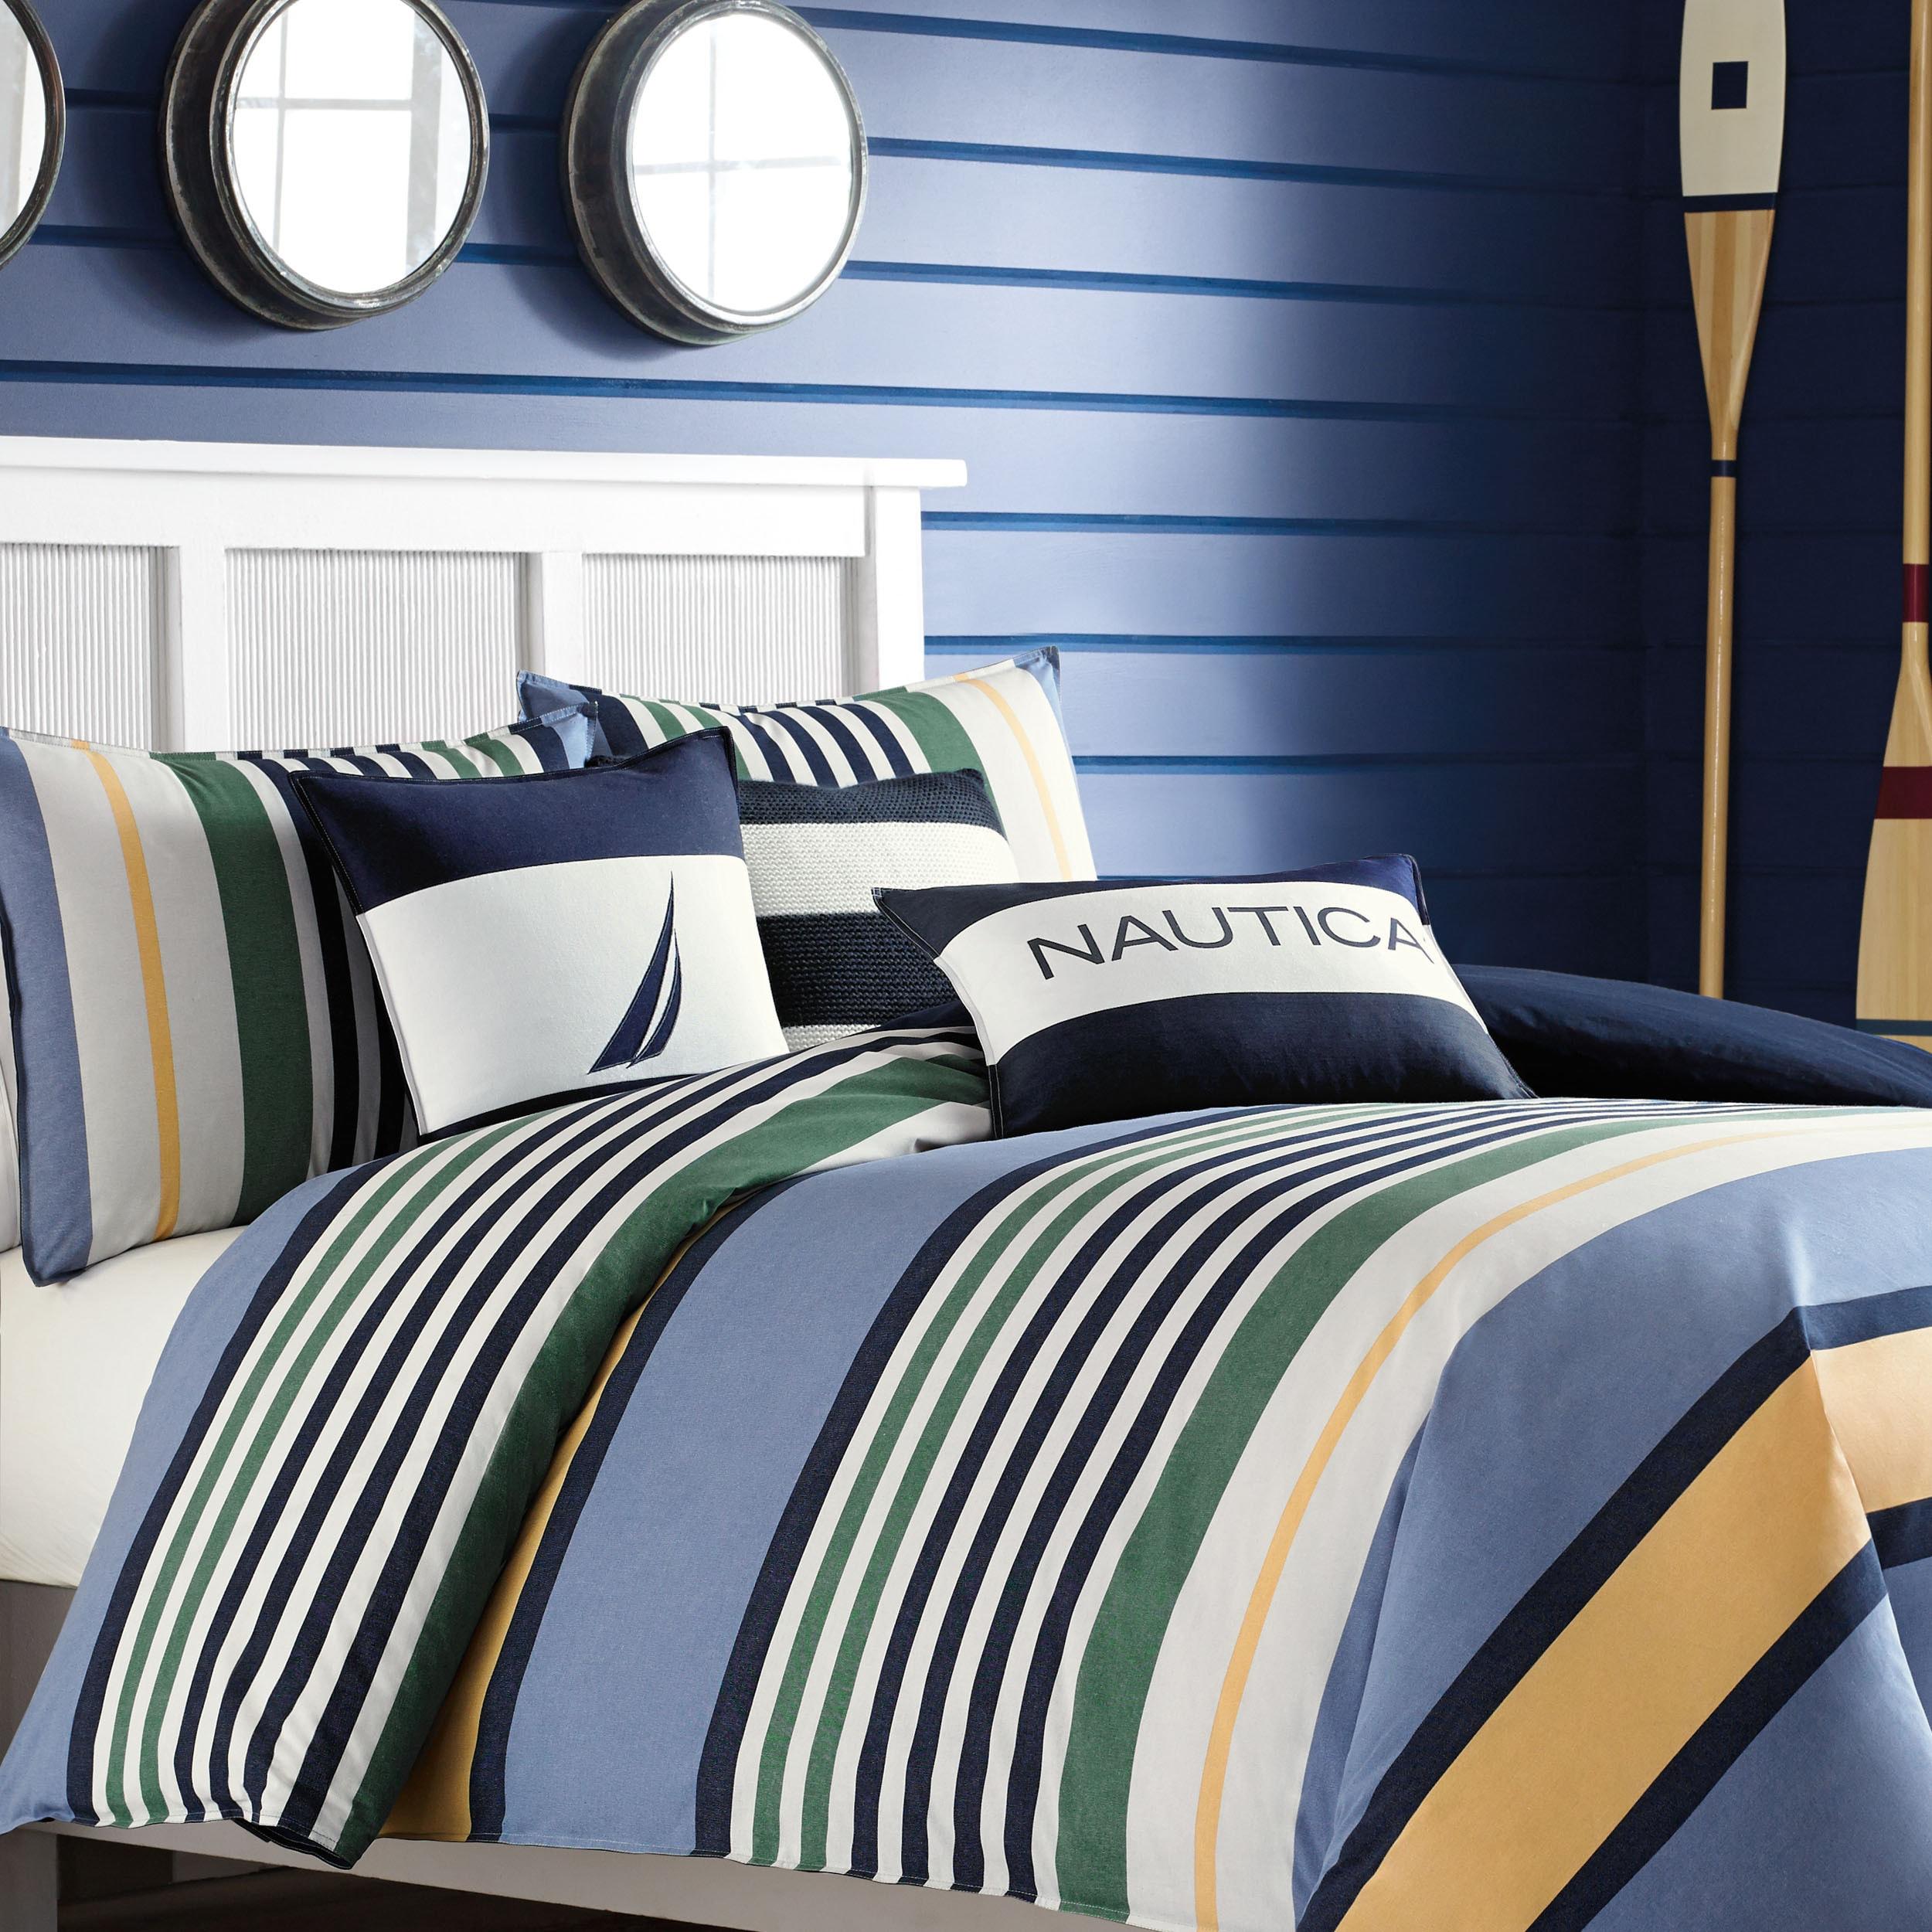 a color green p navy set seaward hue plaid nautica king bedding comforter sets trescott and rich